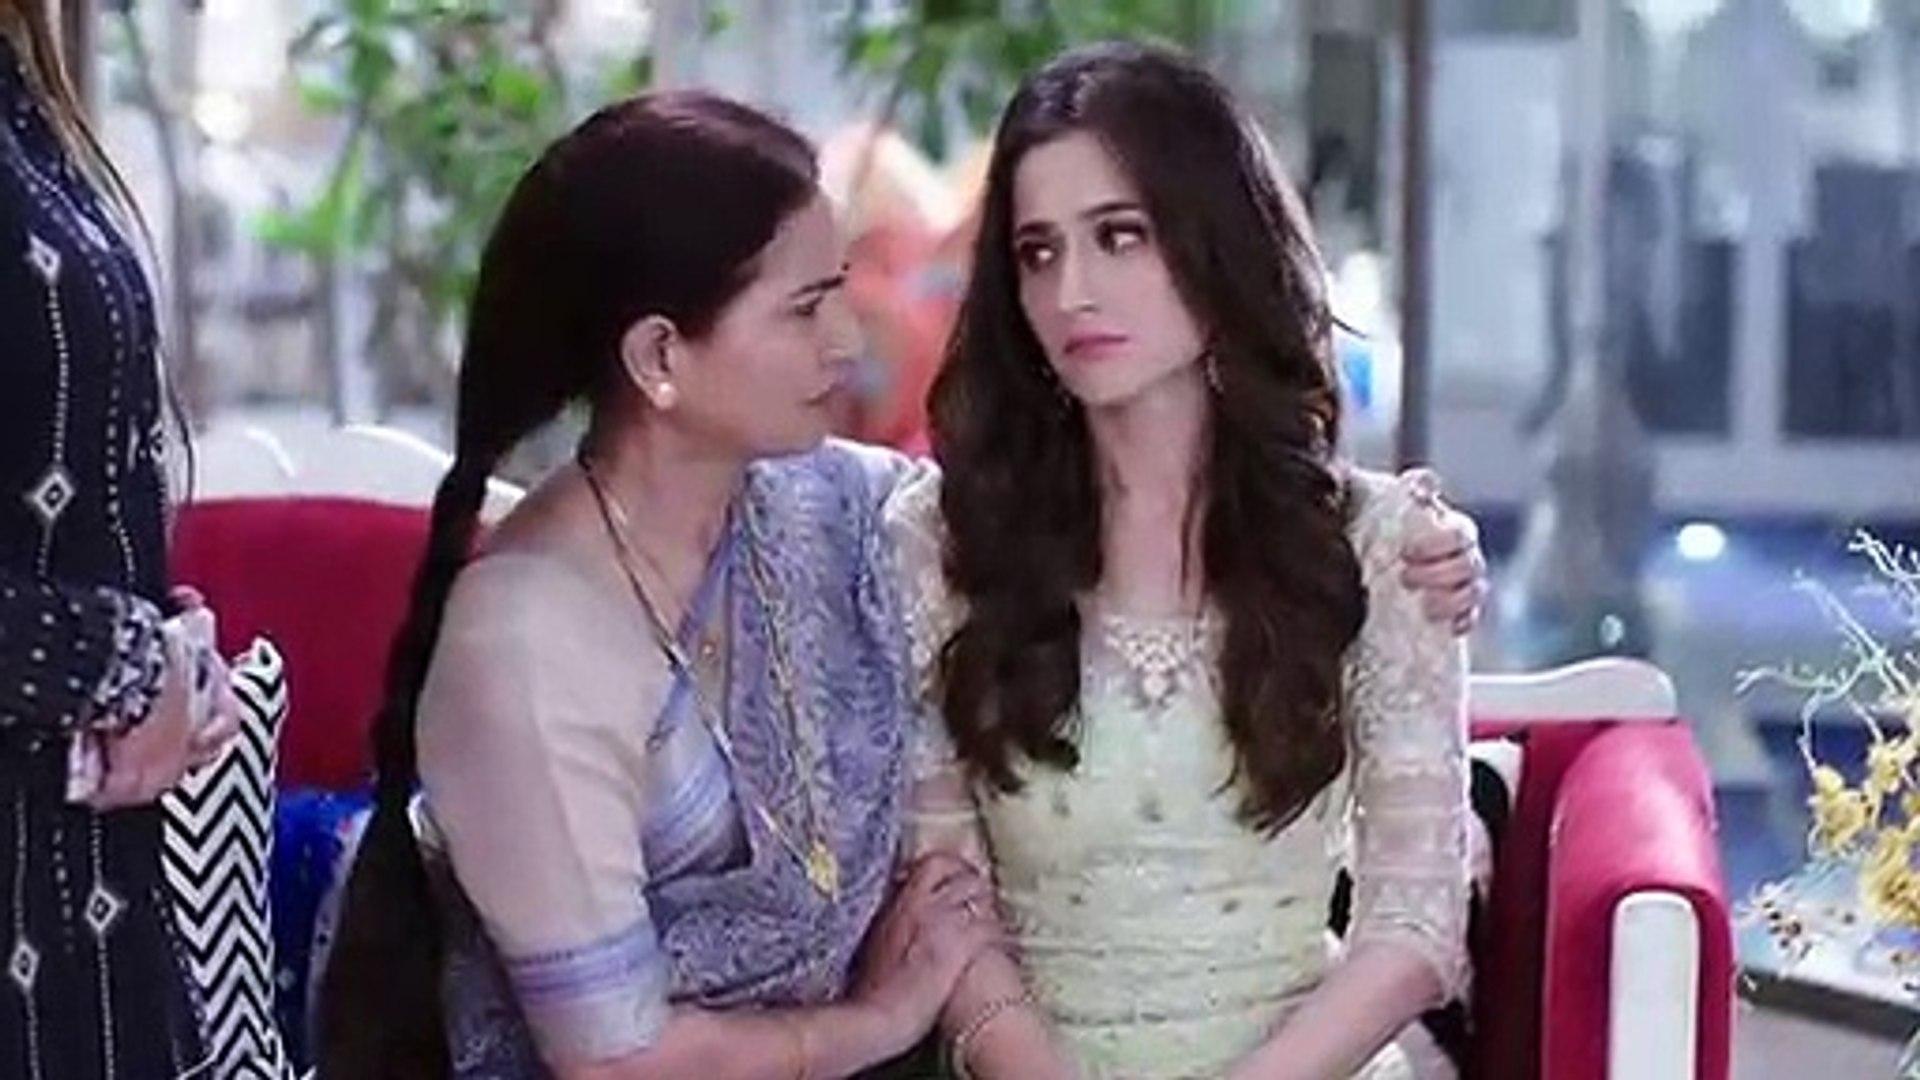 Khi Người Giàu Yêu Tập 2 , Phim Ấn Độ, HTV7 Raw, Phim Khi Nguoi Giau Yeu Tap 2 , Phim Khi Người Giàu